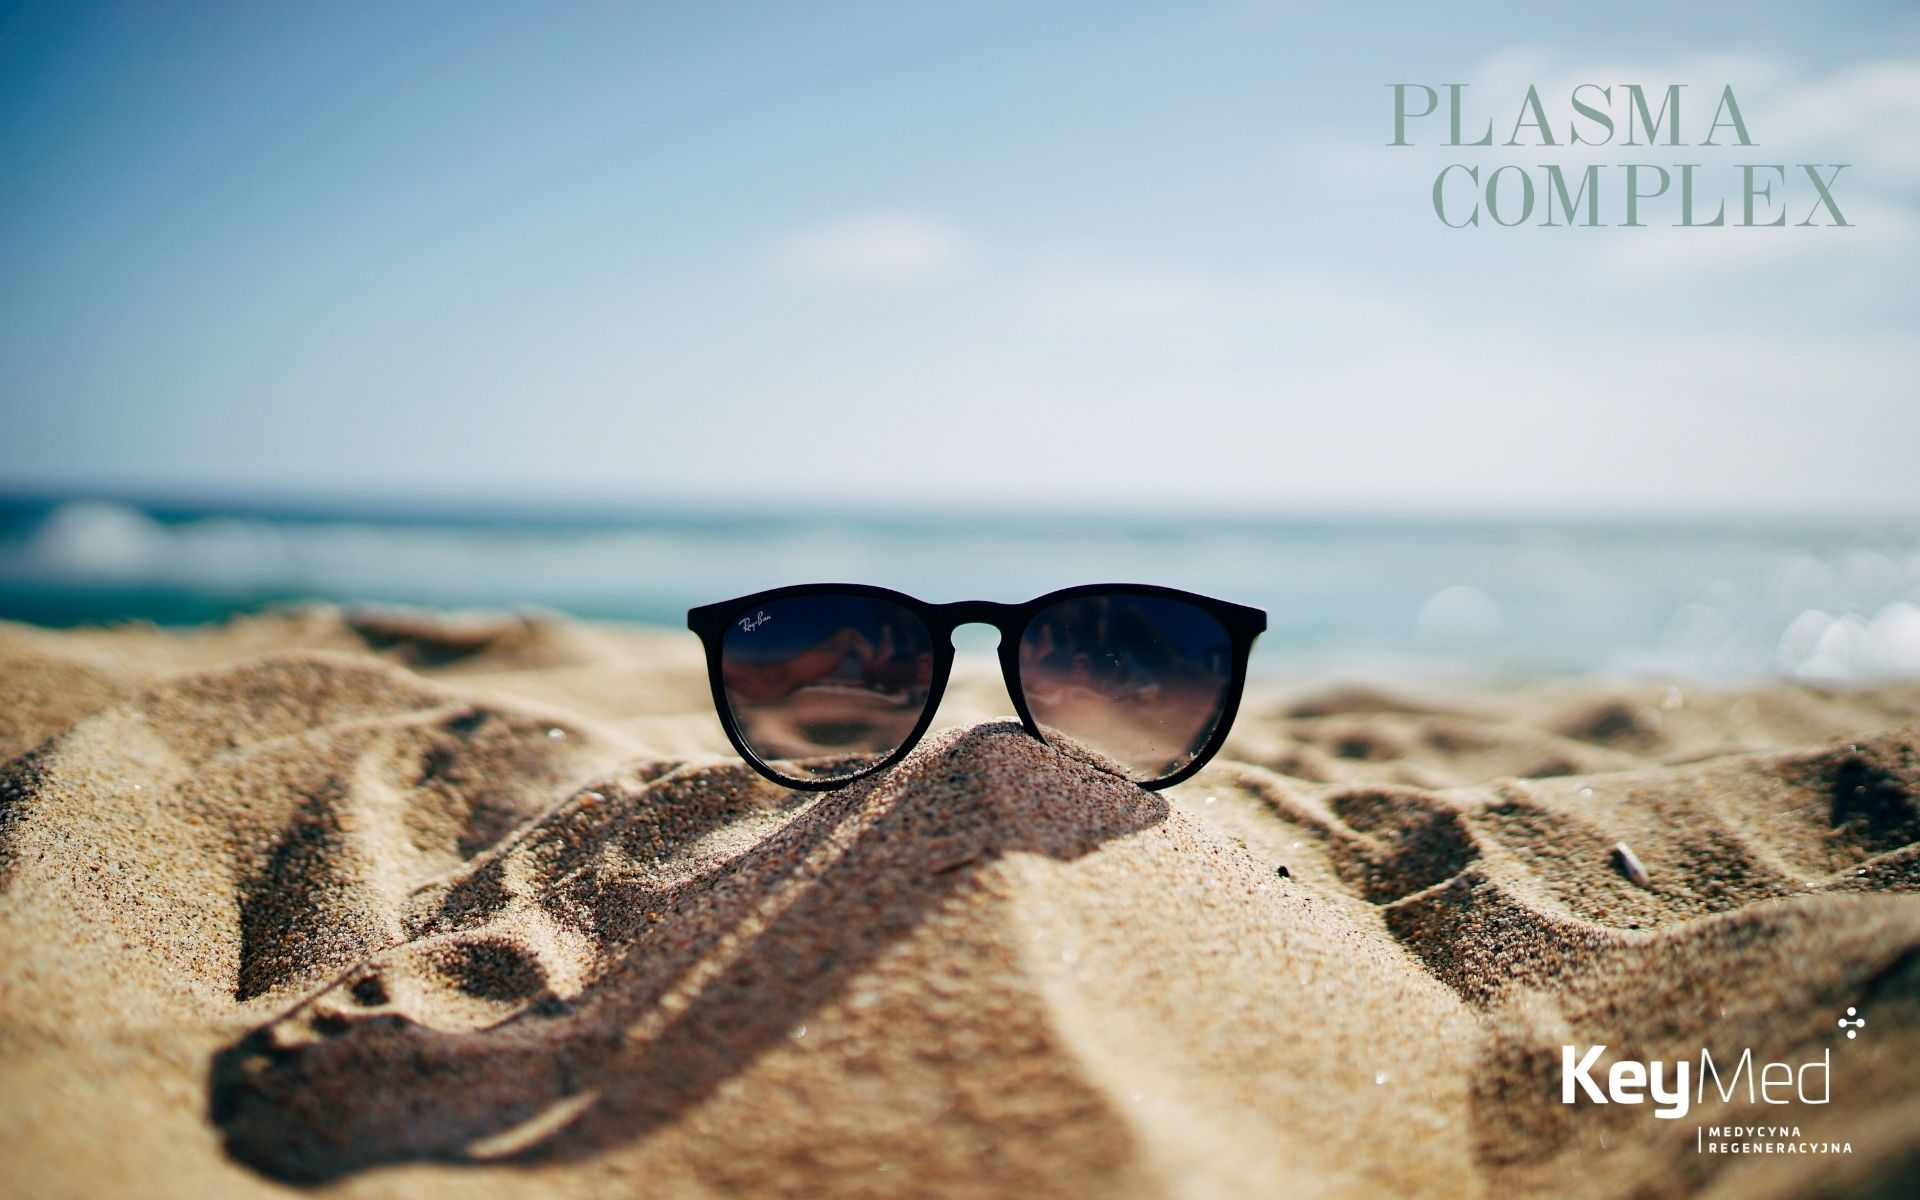 Plasma Complex - Najlepsza regeneracja skóry po lecie_Keymed